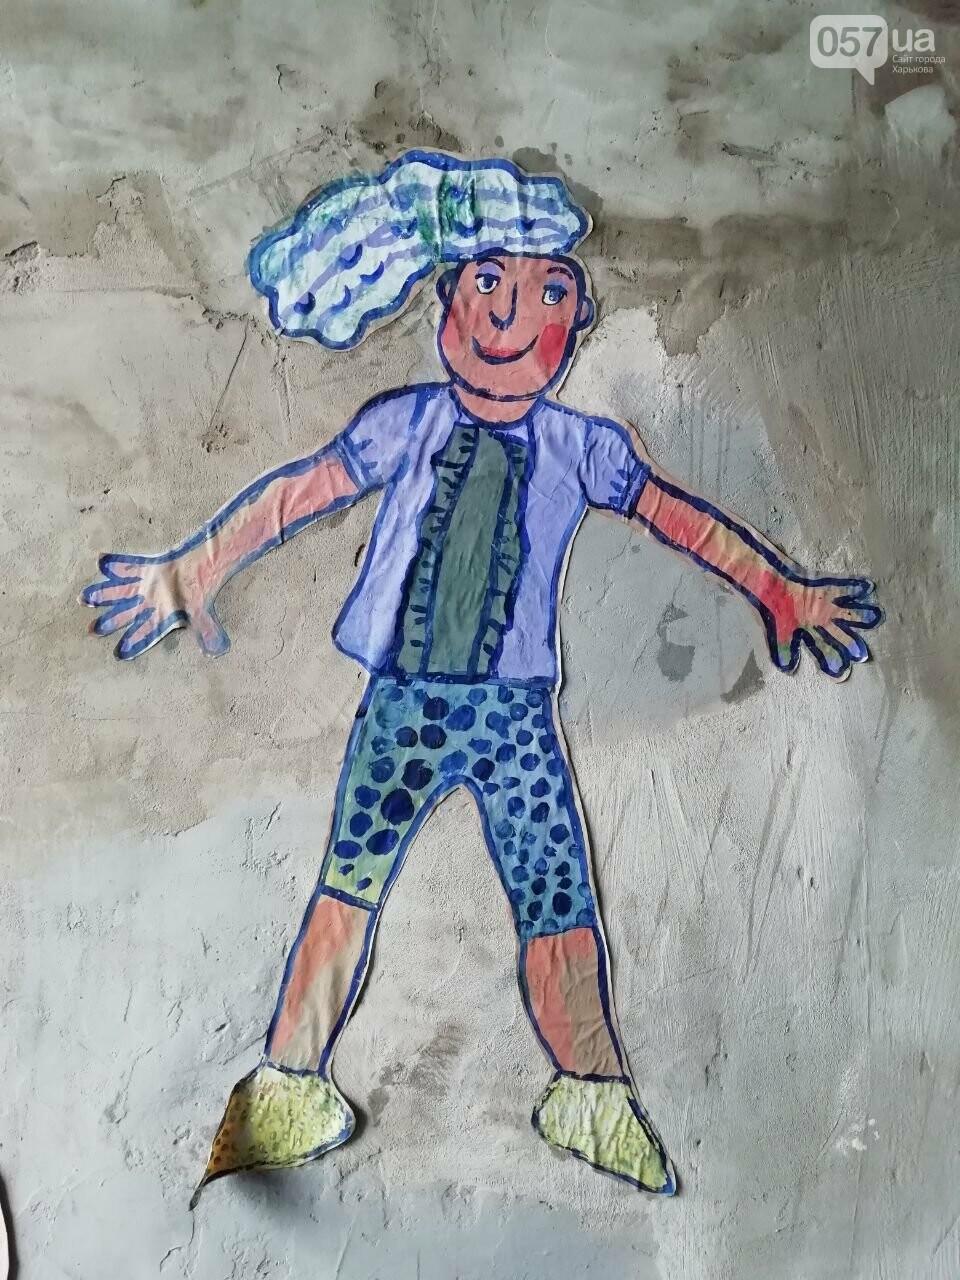 «Город – это мы»: в центре Харькова устроили яркую арт-акцию, - ФОТО, фото-5